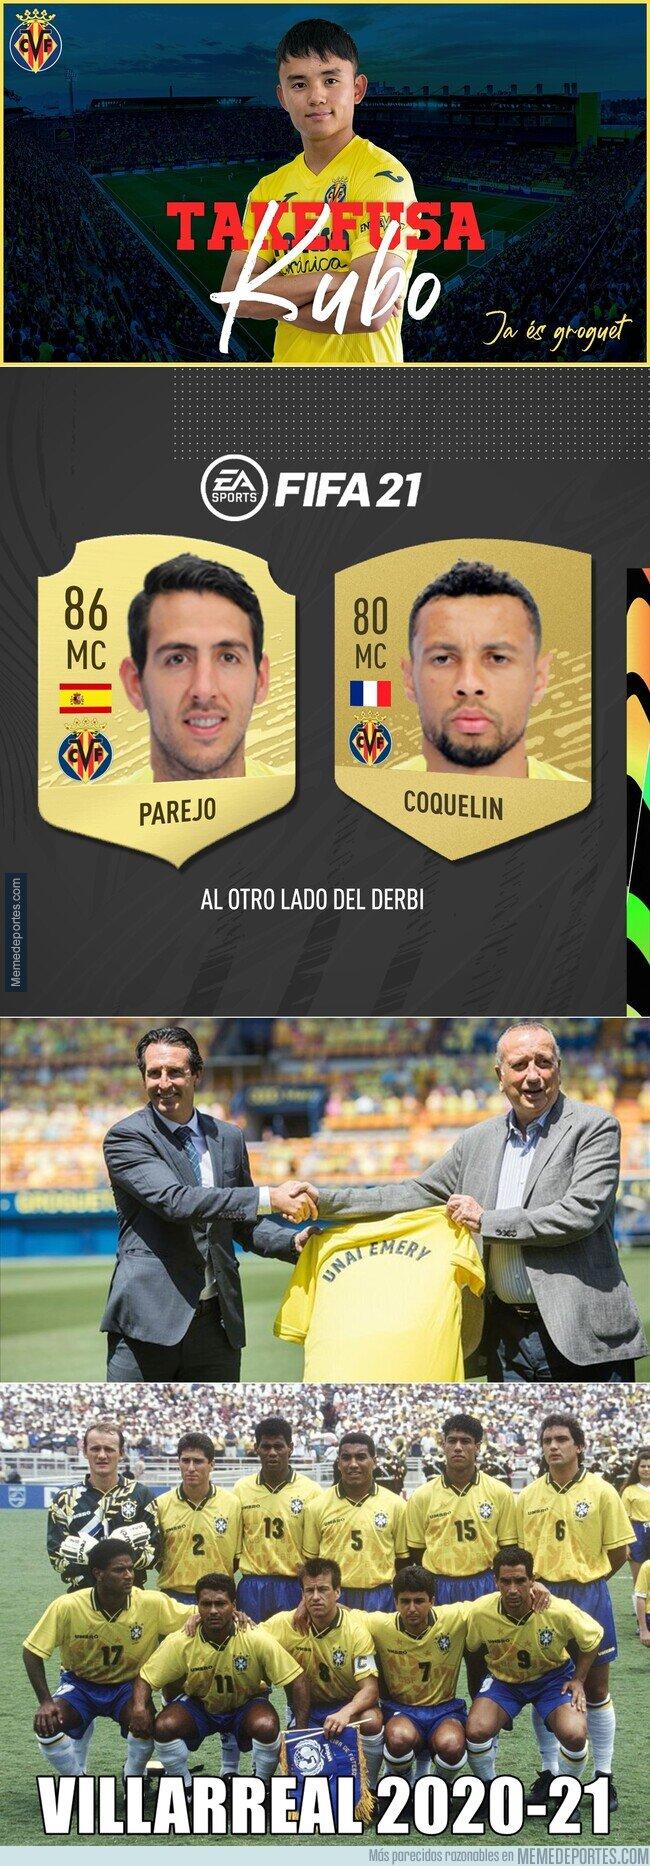 1111875 - Ojo al Villarreal la proxima temporada